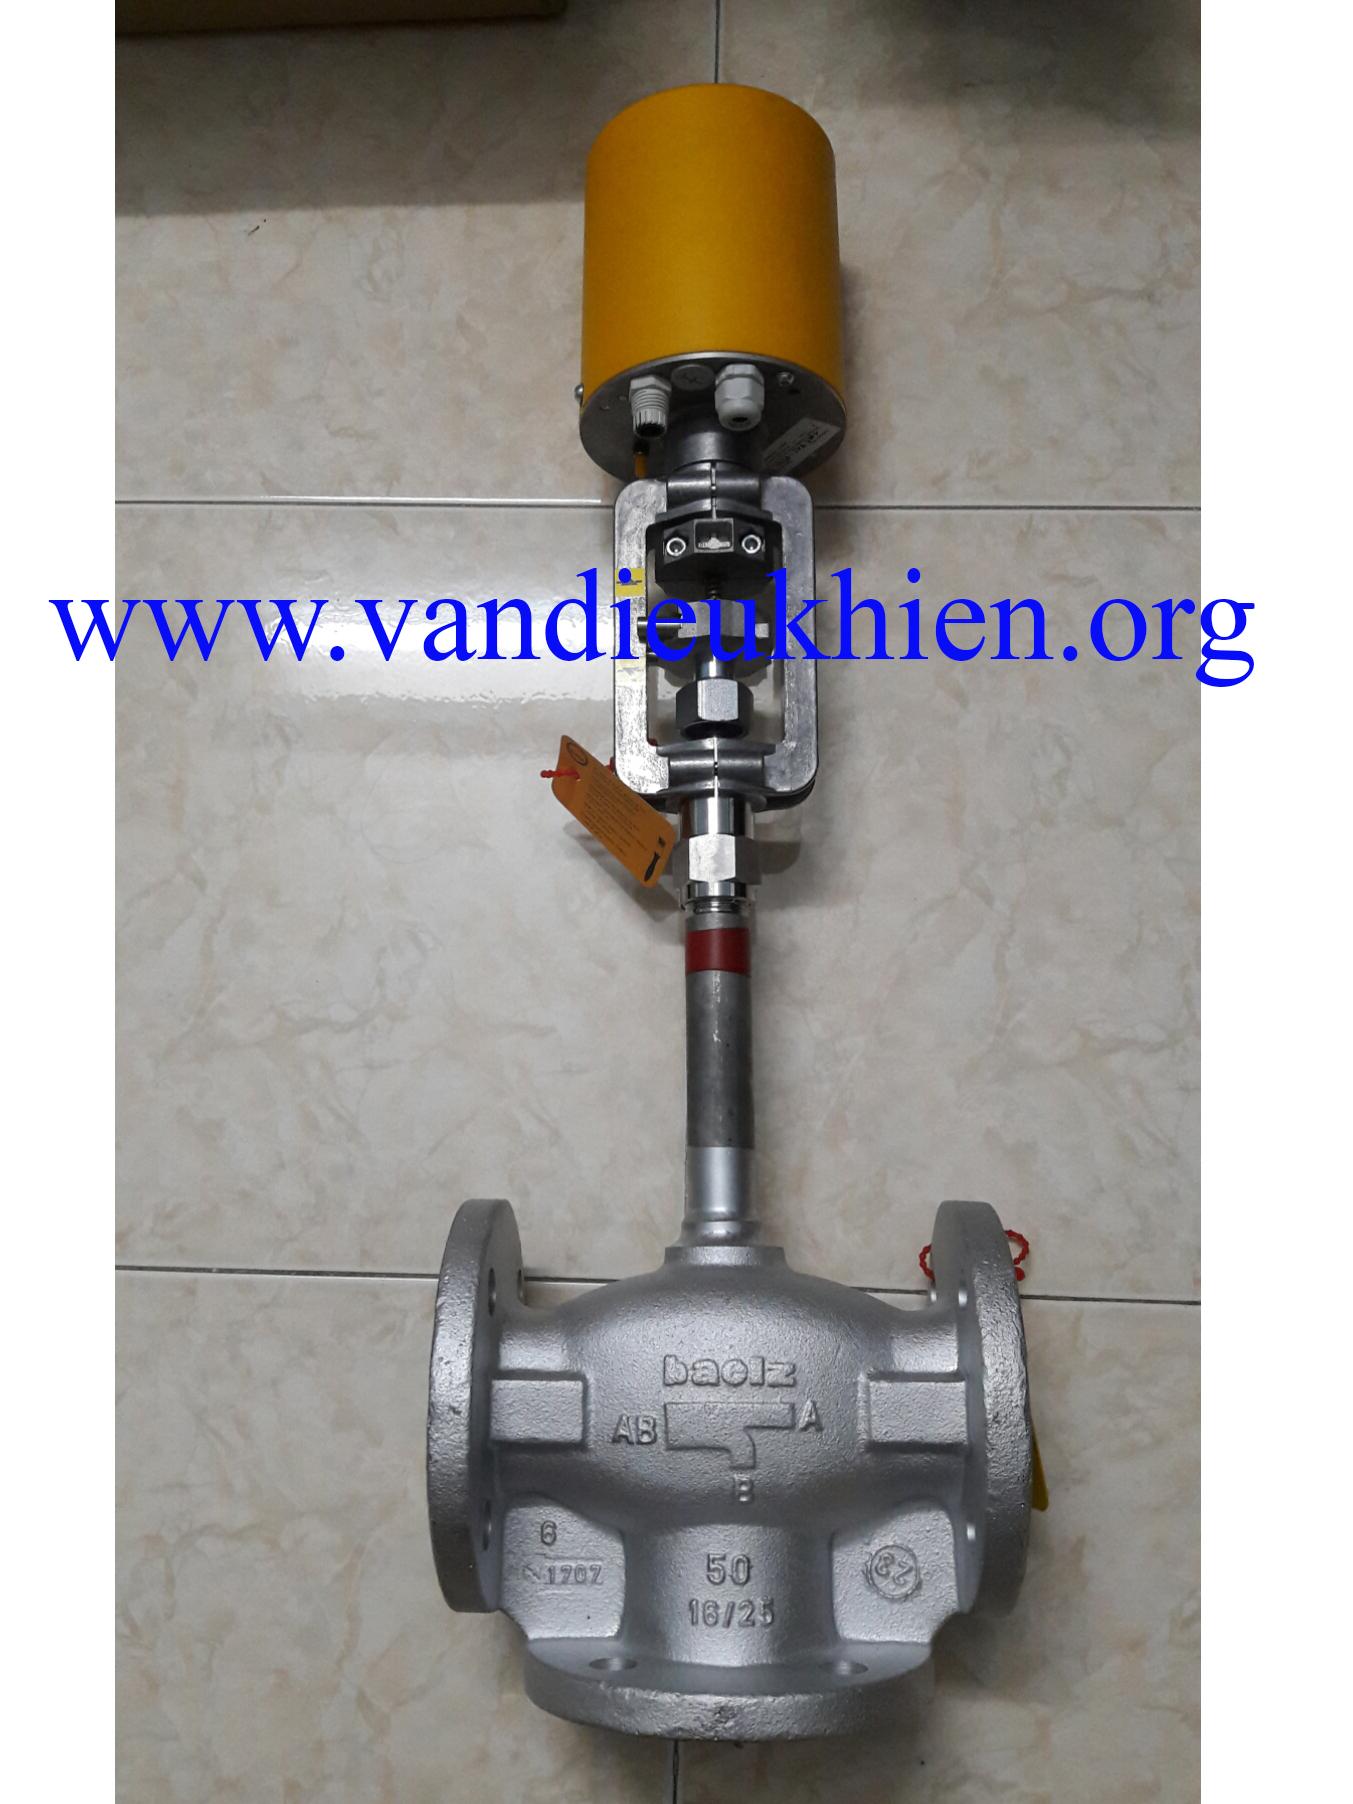 Van điều khiển dầu nóng DN50